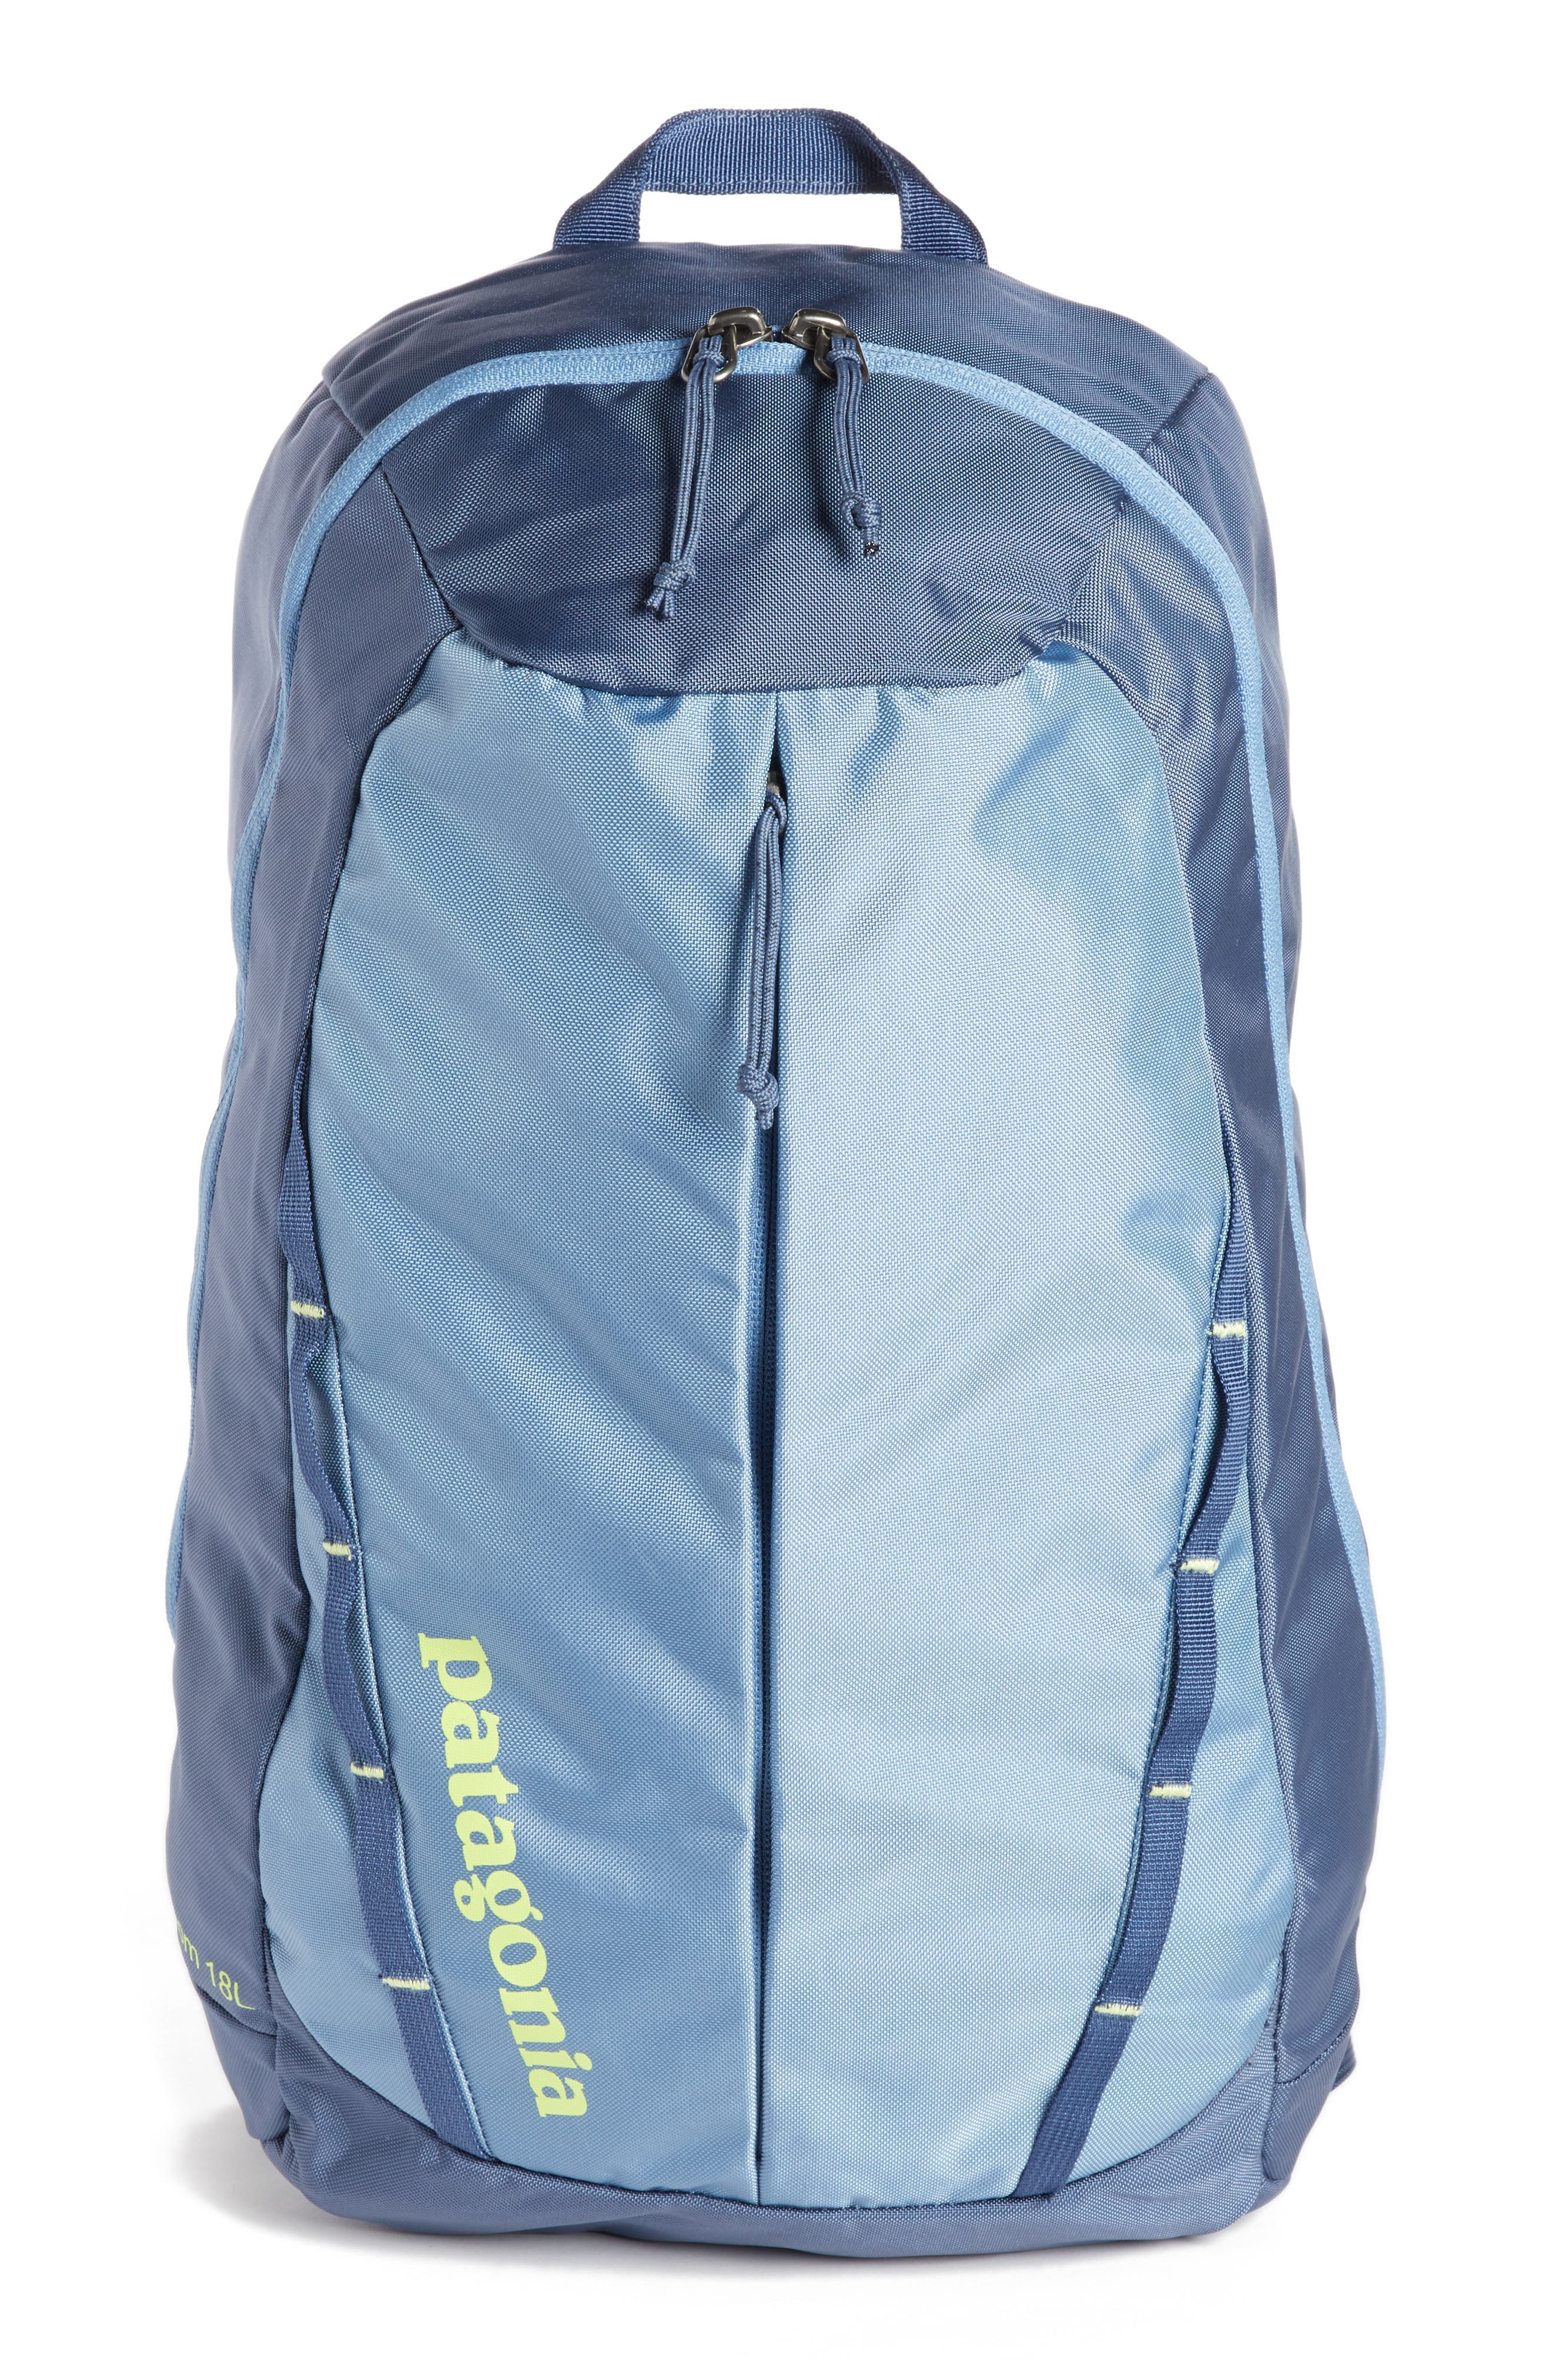 18L Atom Backpack,                         Main,                         color, Dolomite Blue